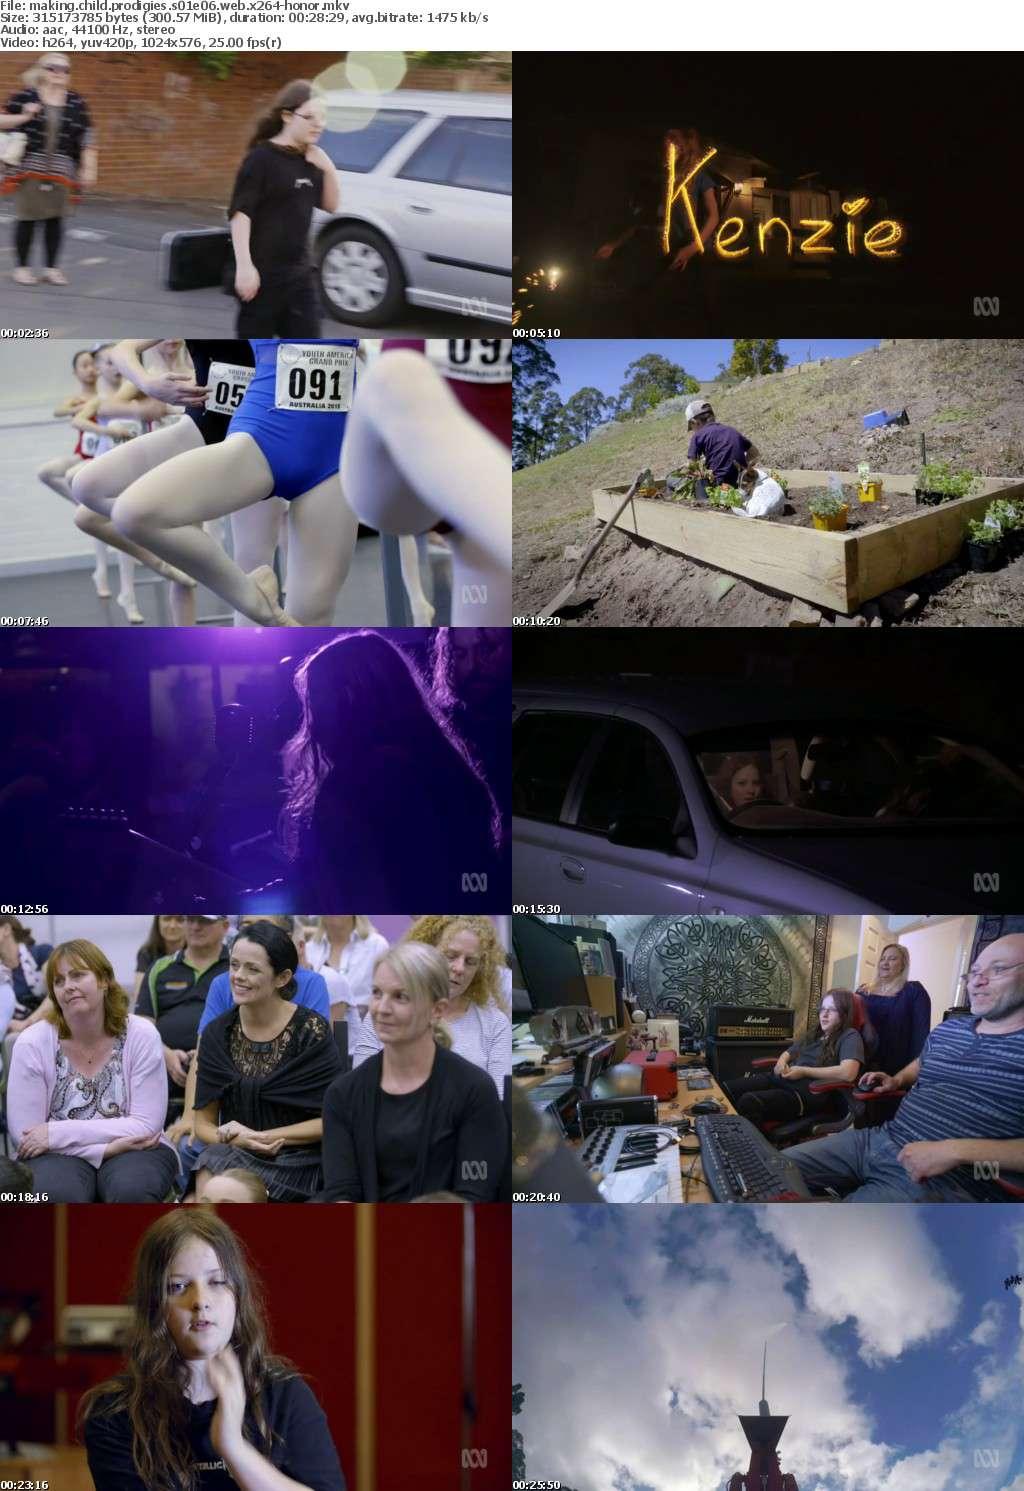 Making Child Prodigies S01E06 WEB x264-HONOR